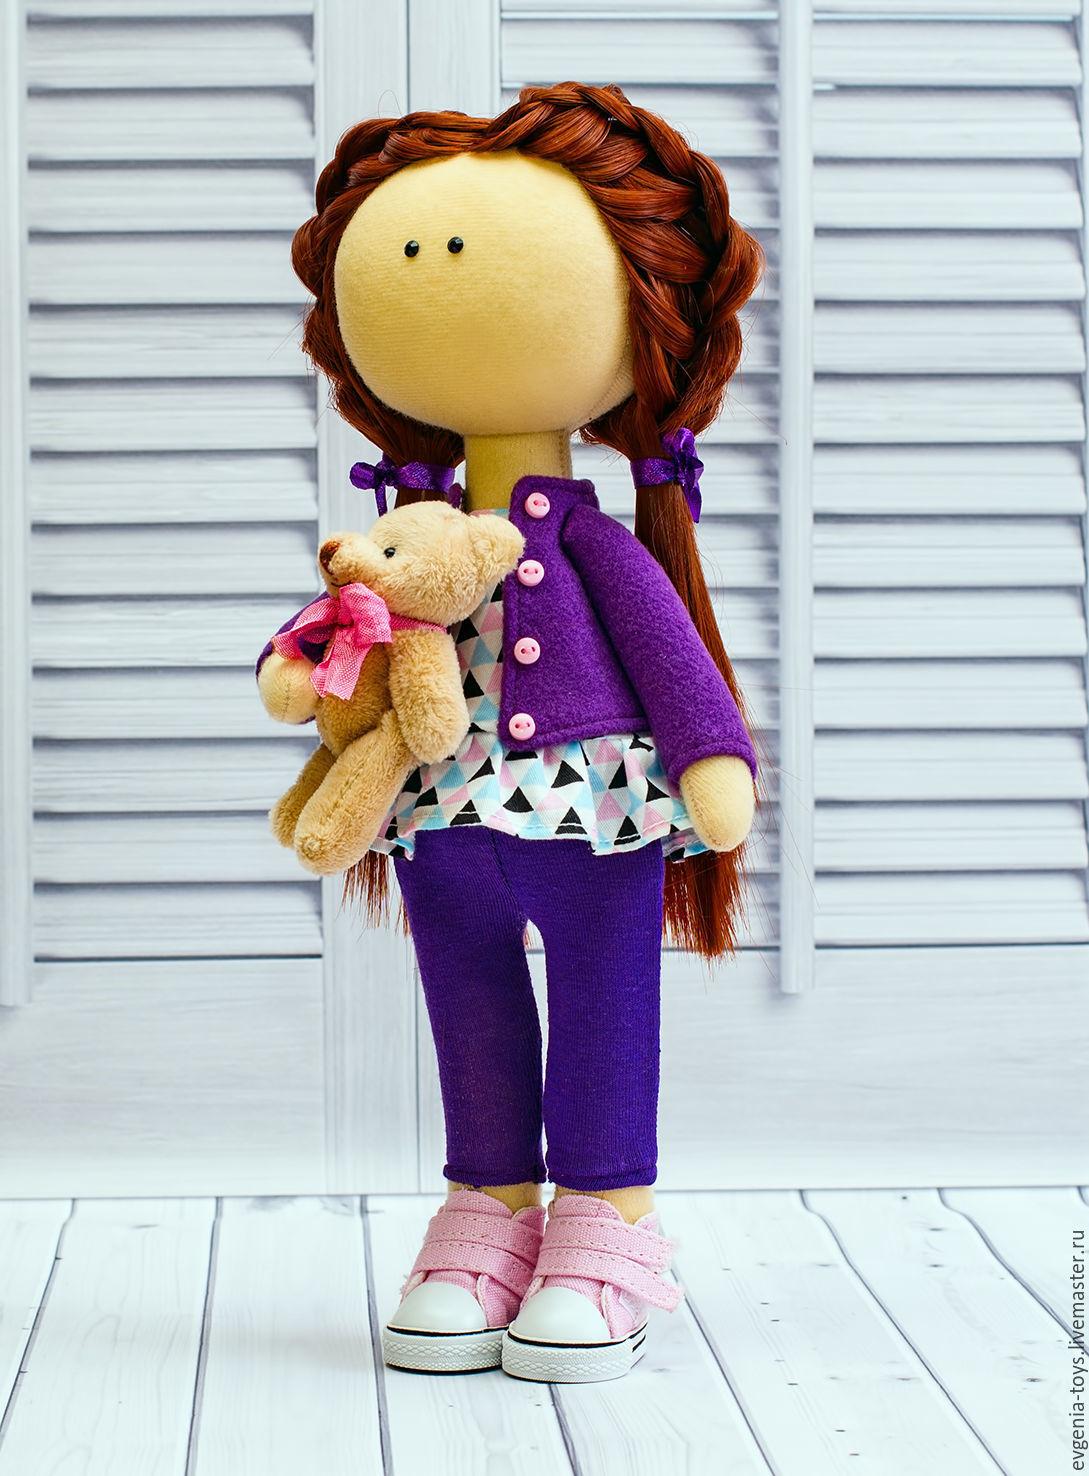 Кукла текстильная. Кукла интерьерная. Кукла коллекционная. Авторская кукла. Куклы ручной работы. Магазин Твоя кукла. Купить куклу в подарок. Подарок девушке. Подарок девочке.